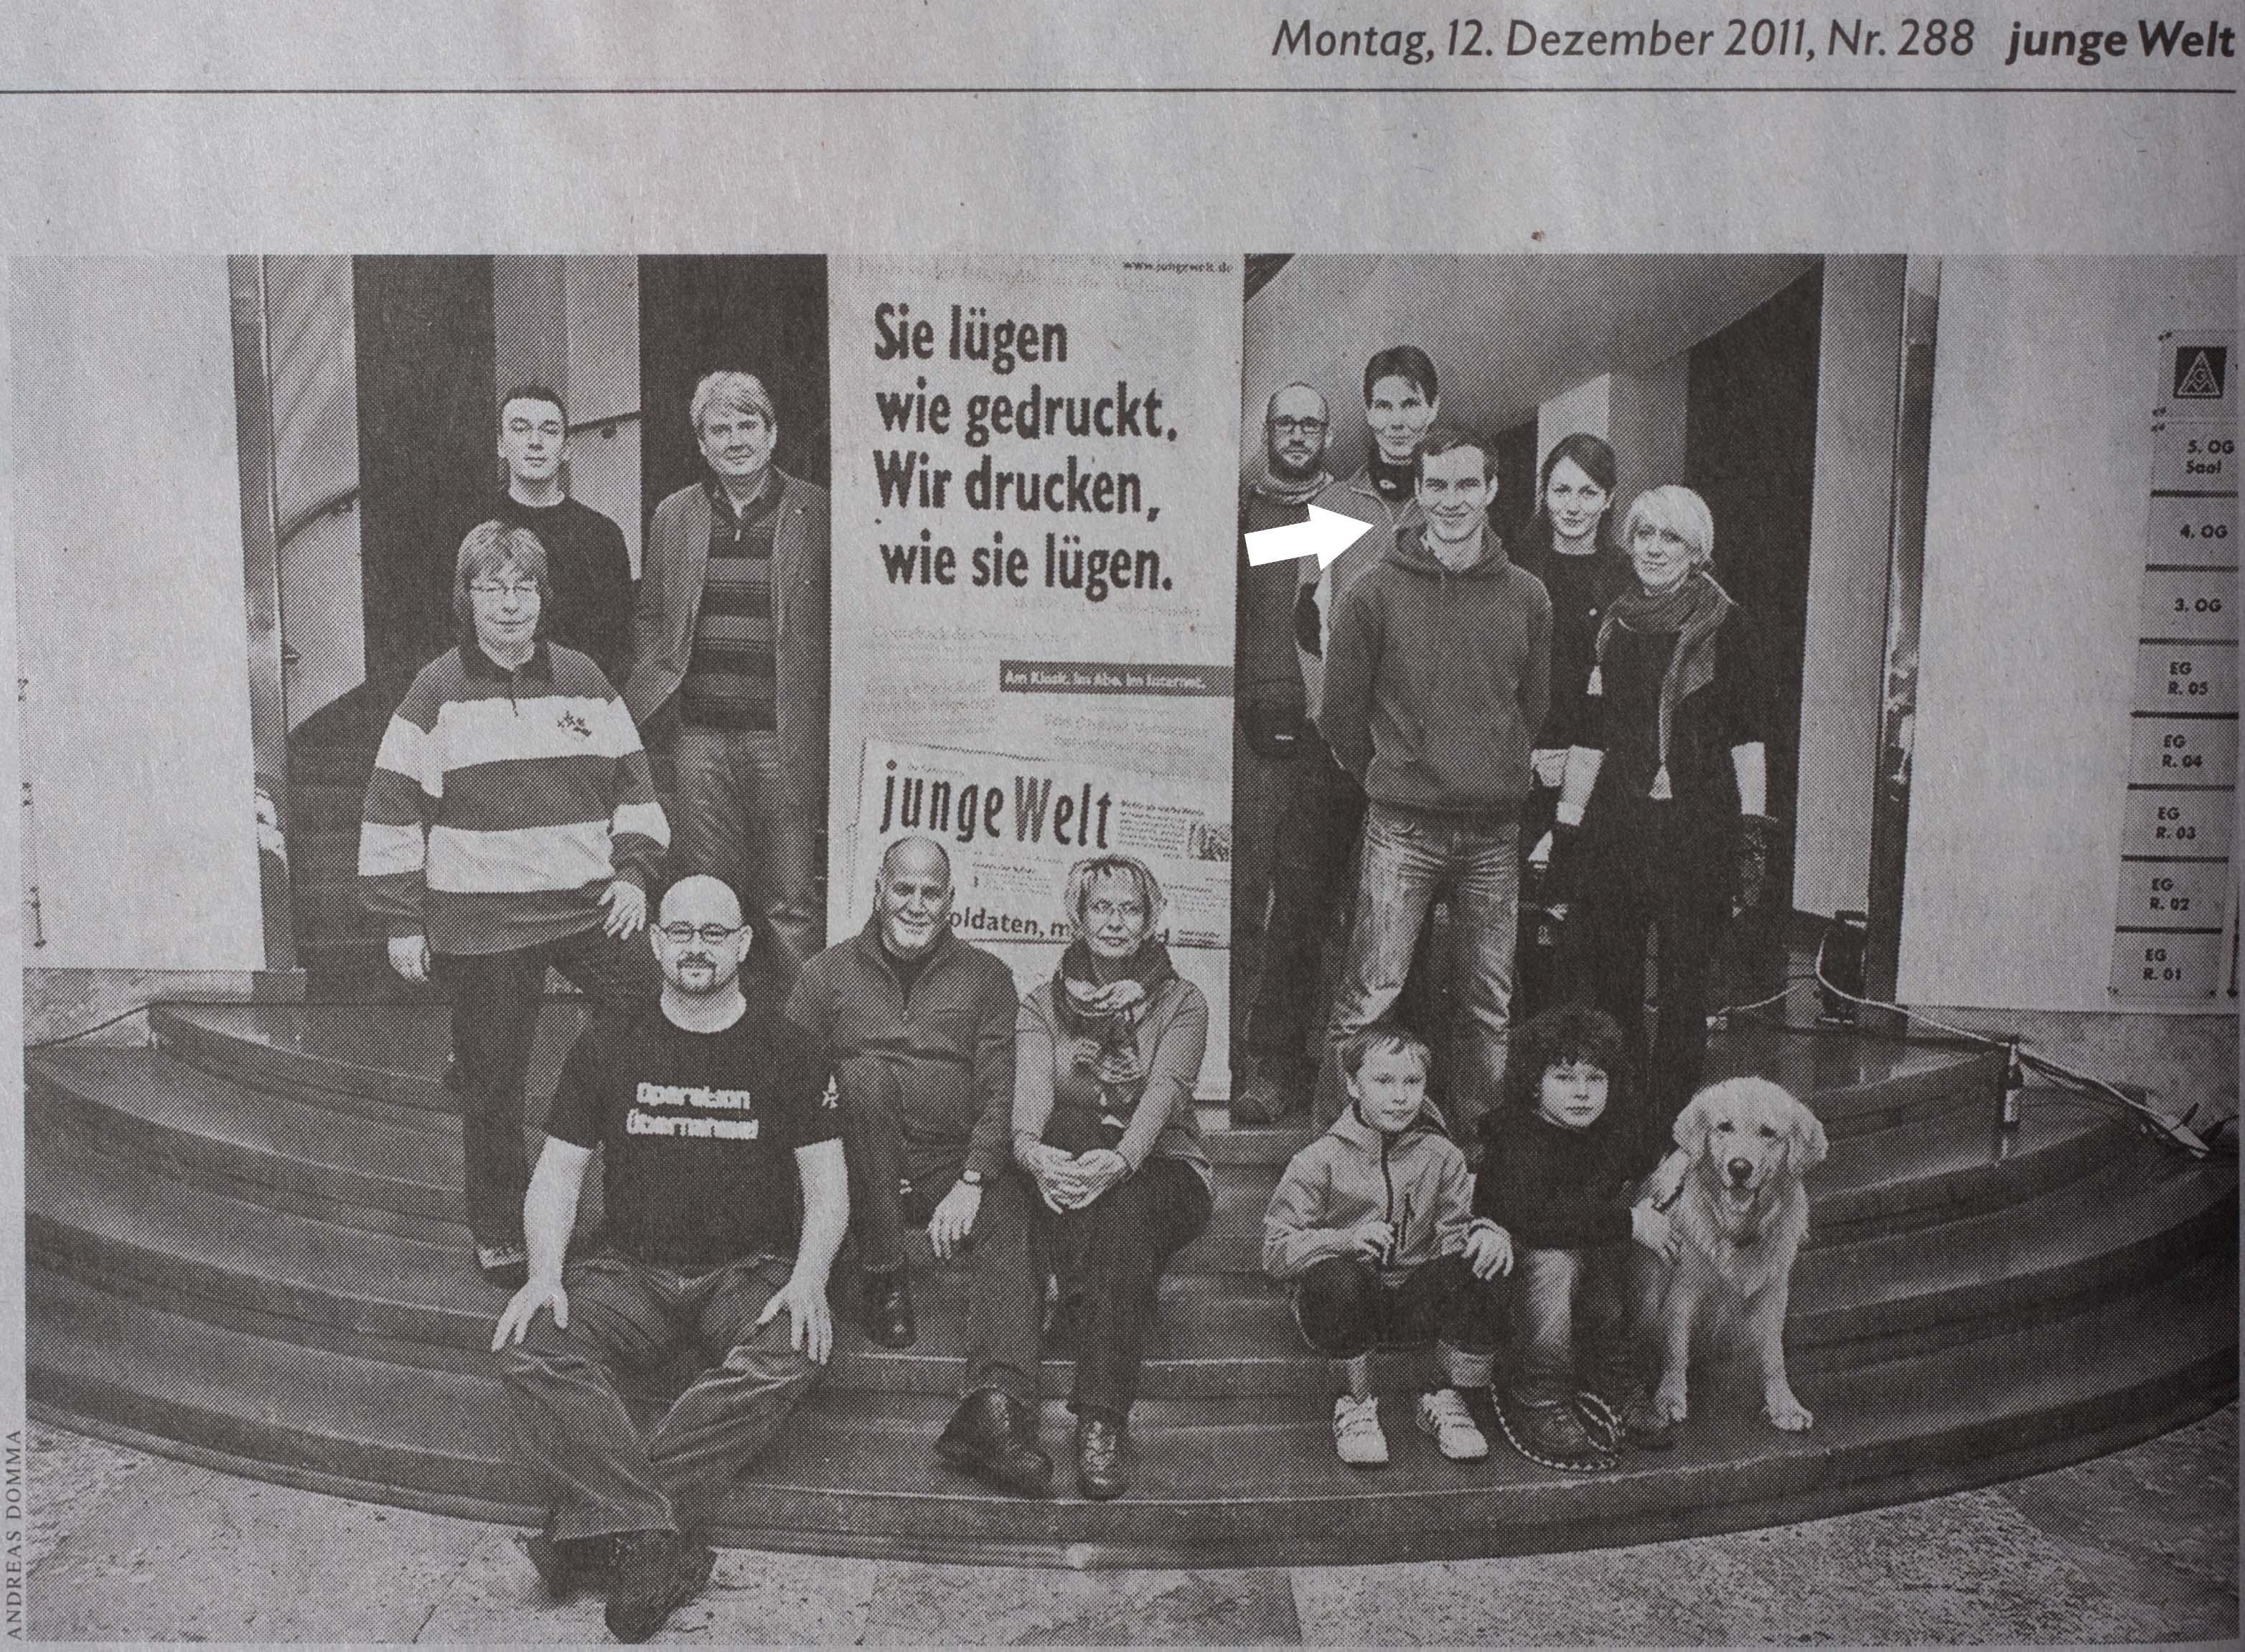 Winner image of Blende 2011 - Junge Welt